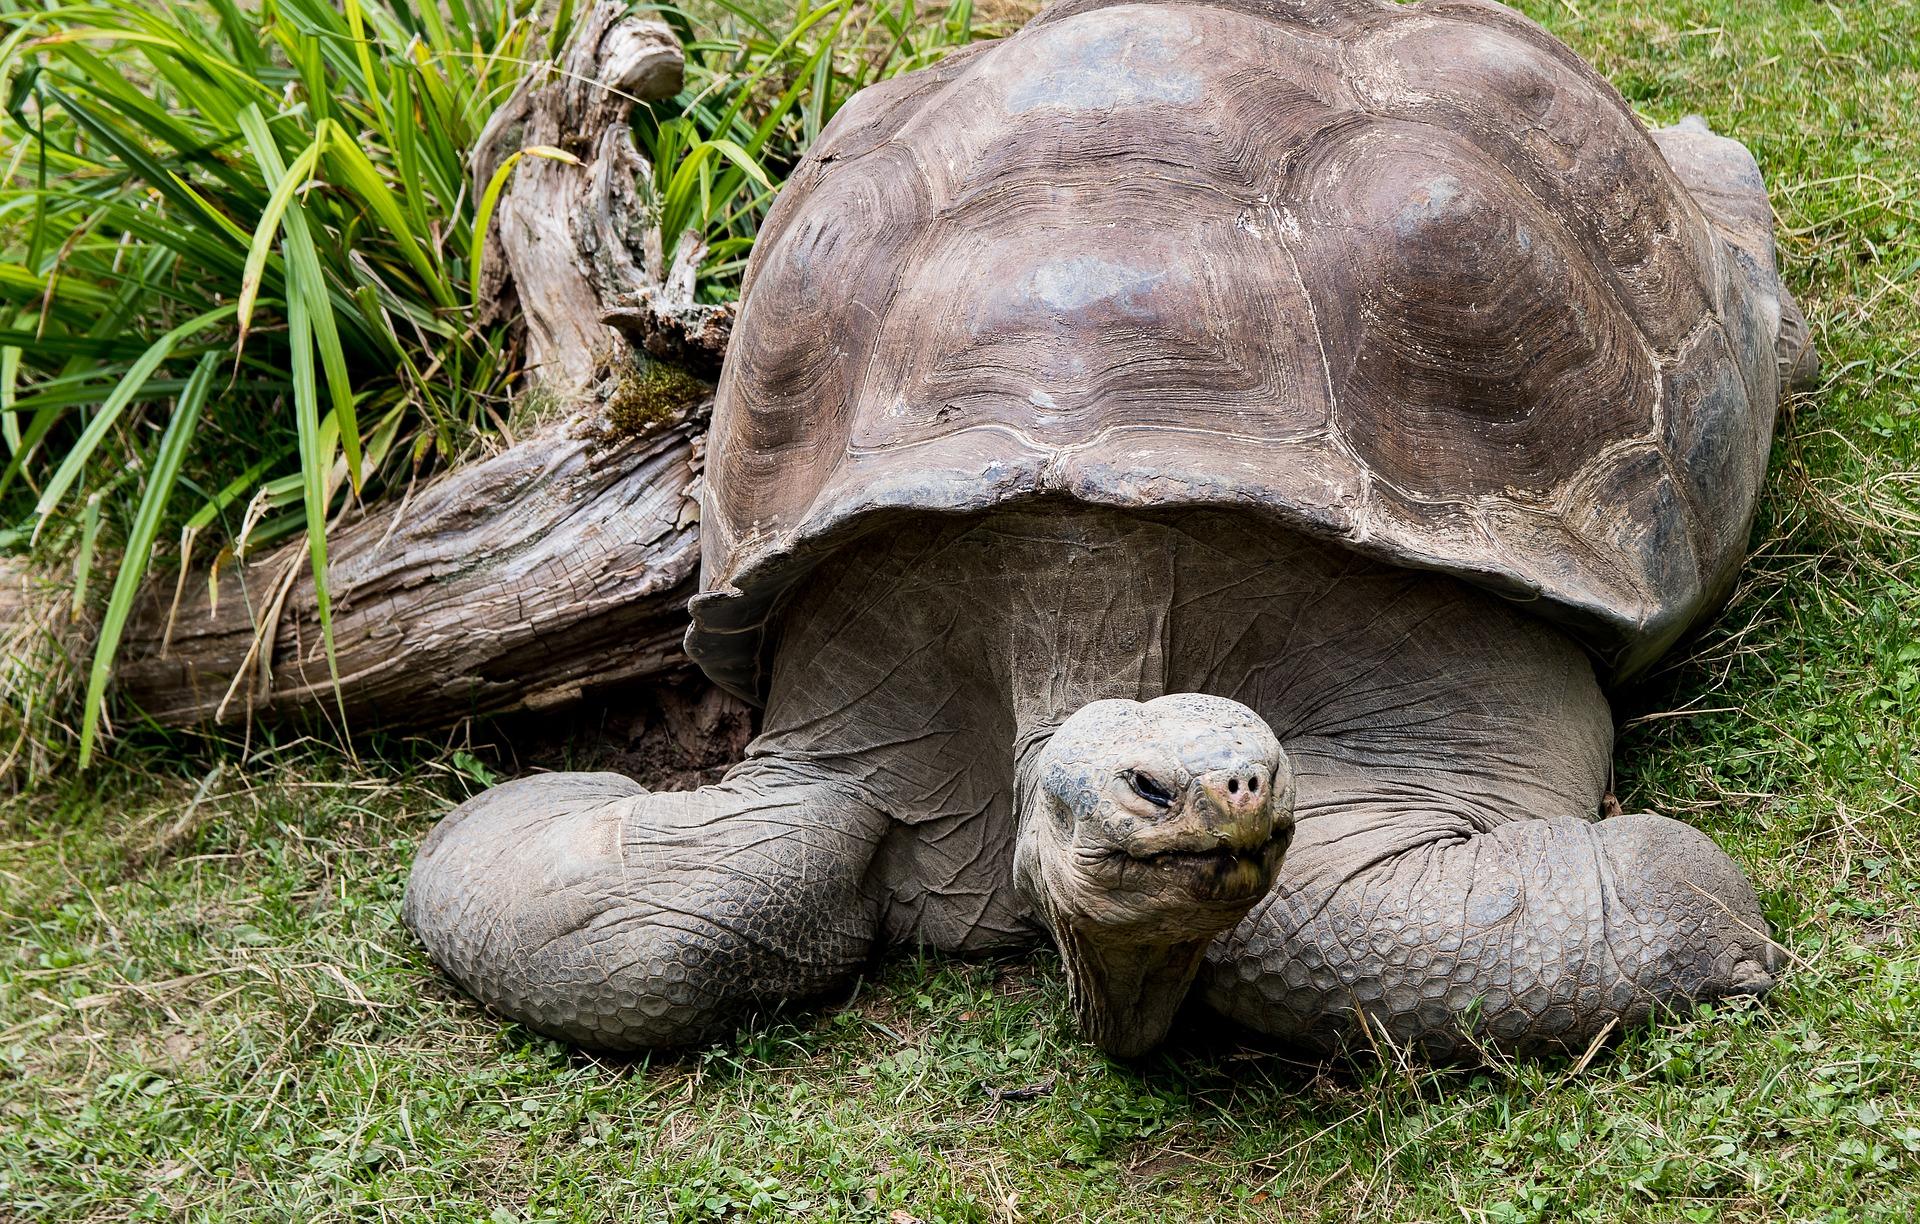 turtle-3555358_1920